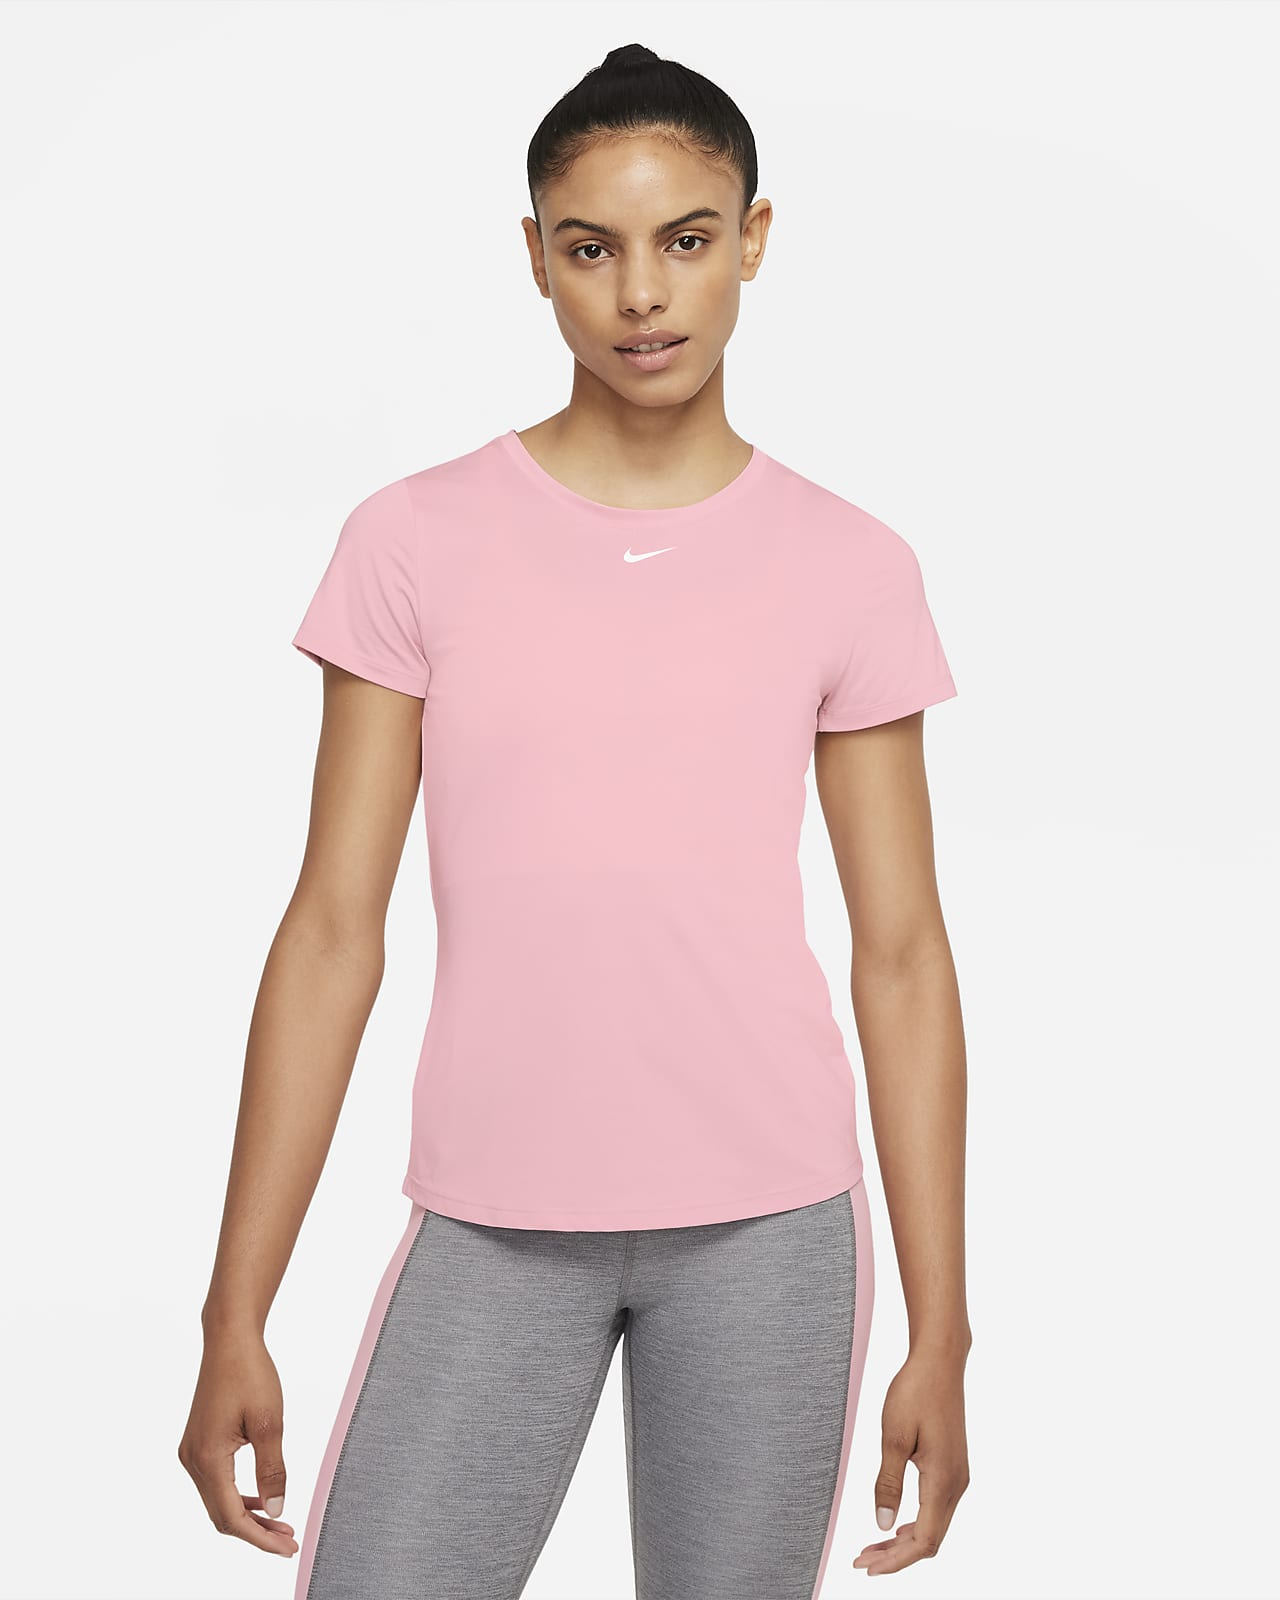 Nike Dri-FIT One Dar Kesimli Kısa Kollu Kadın Üstü